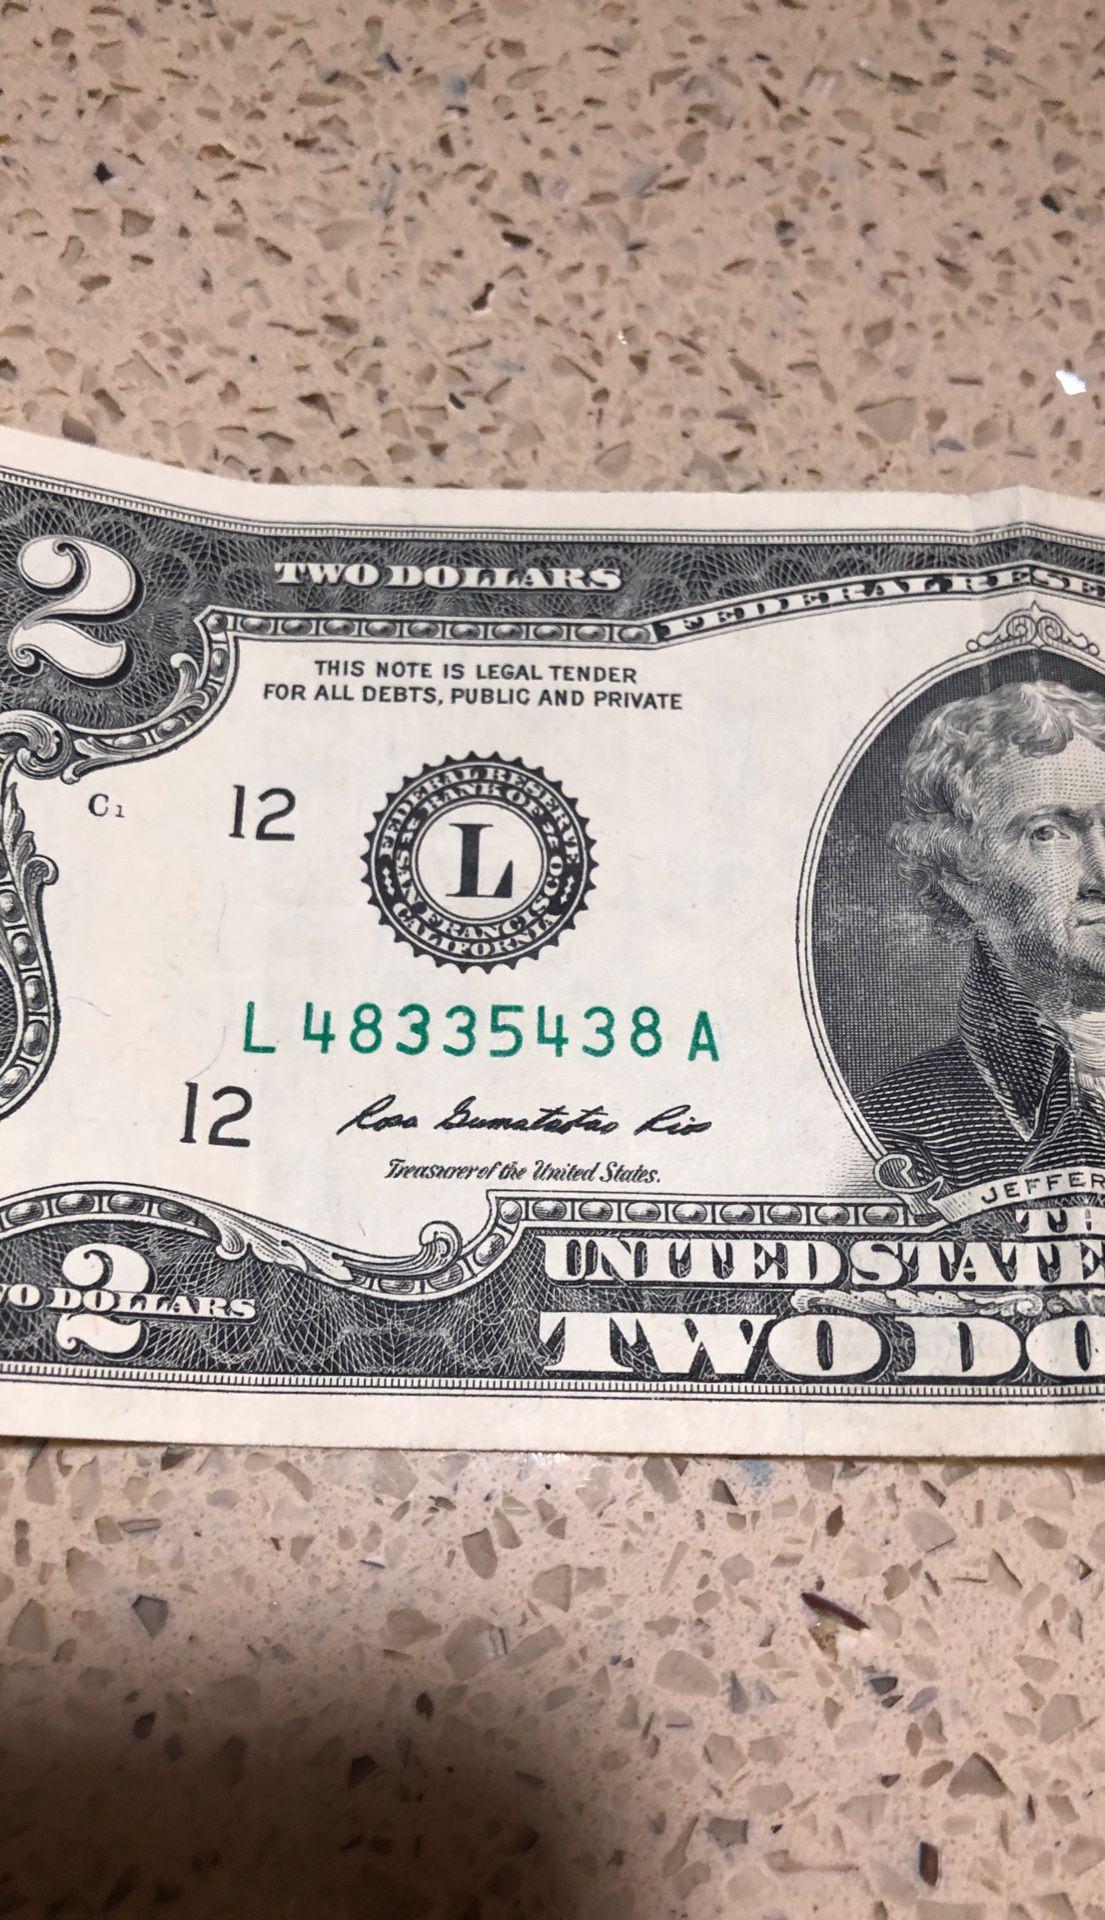 Original 2 dollar bill